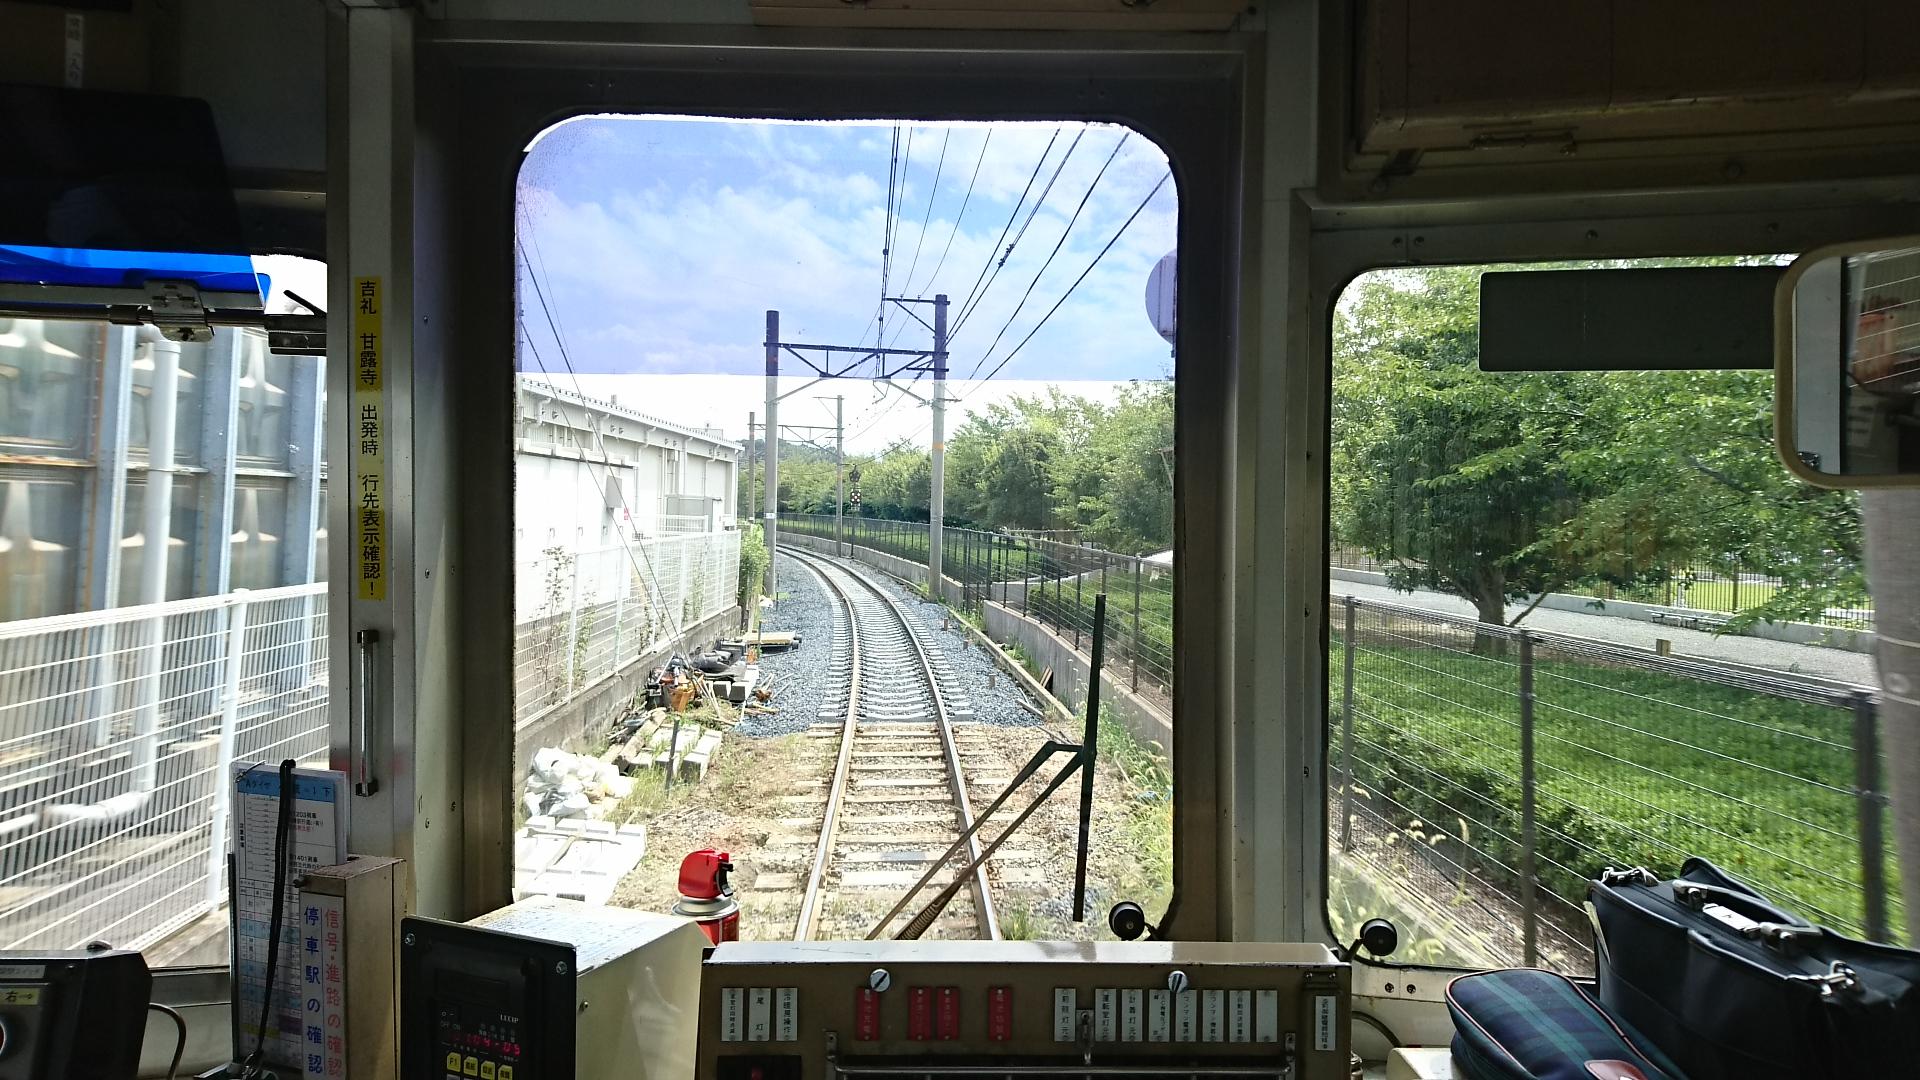 2017.8.17 たま電車 (19) 貴志いきふつう - 神前-竈山間 1920-1080